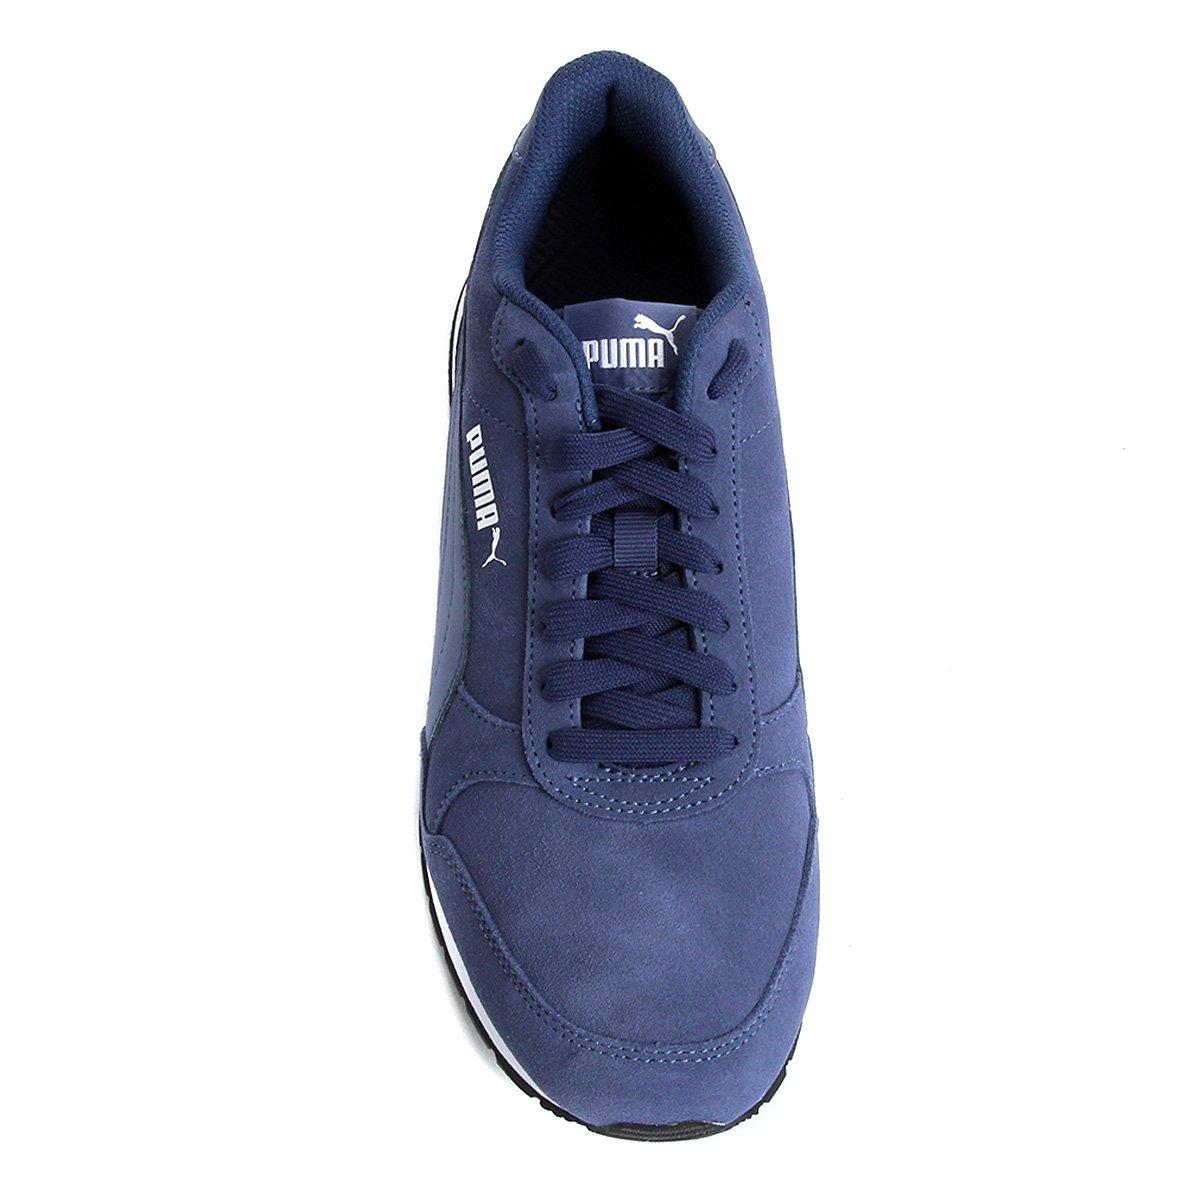 Tênis Puma St Runner V2 SD - Azul - Compre Agora  38ea016823e72